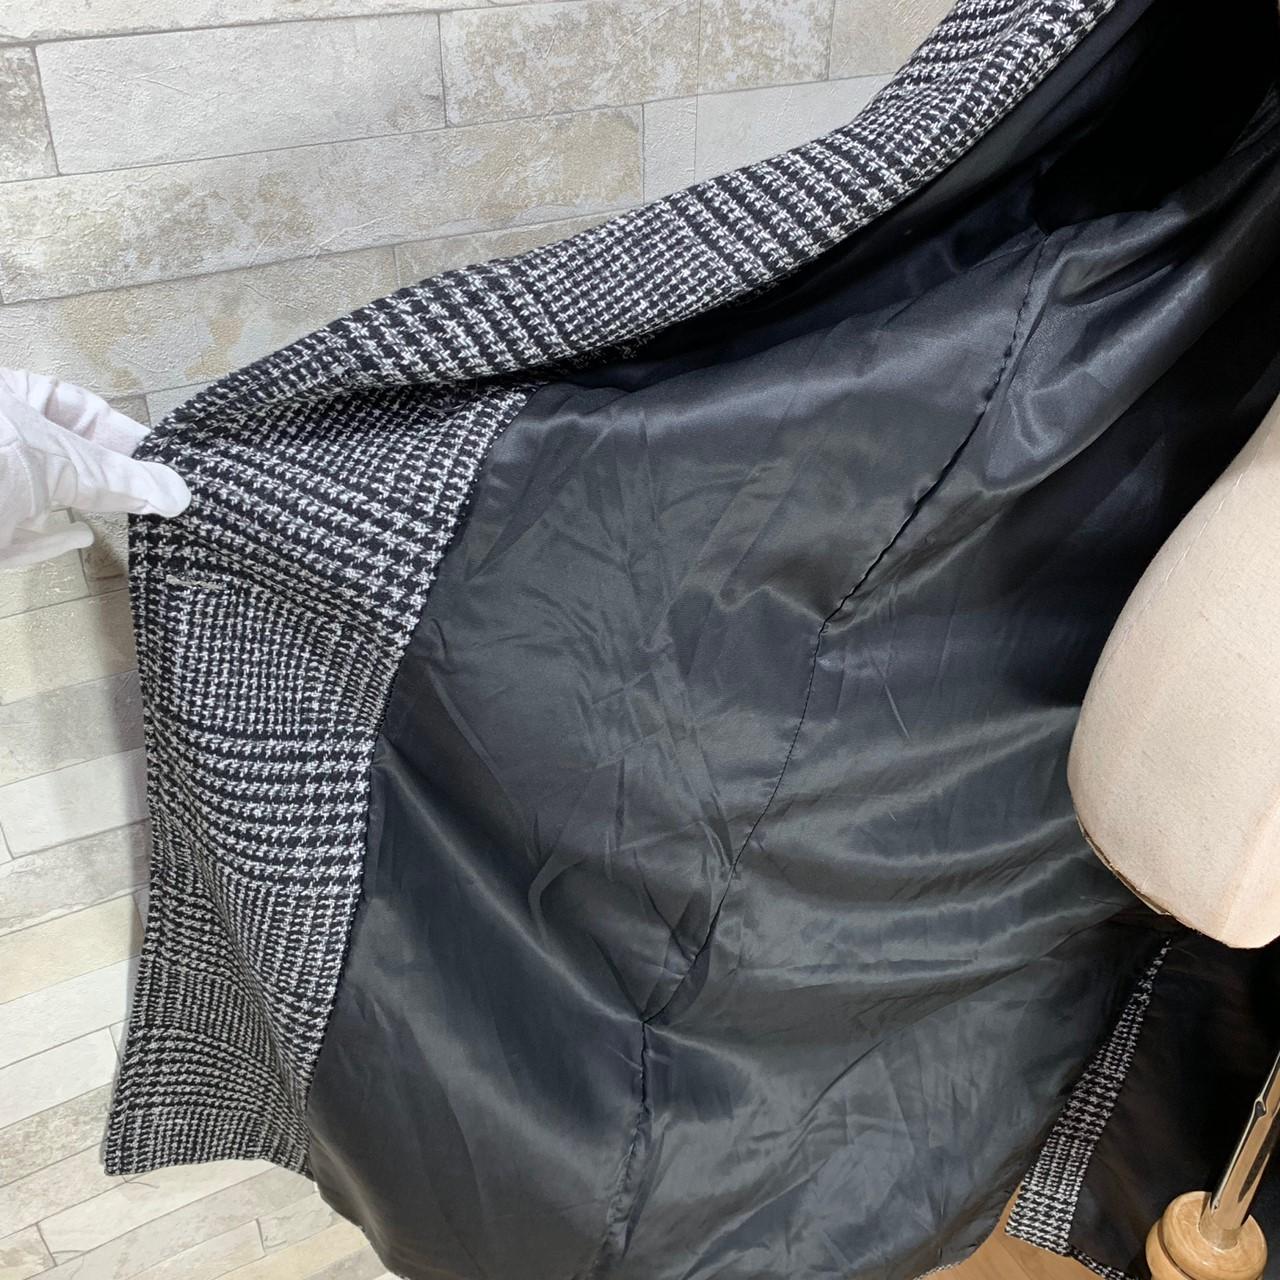 【即納】韓国 ファッション アウター コート 秋 冬 カジュアル SPTXD248  グレンチェック ダブル ロング チェスター オフィス エレガント オルチャン シンプル 定番 セレカジの写真19枚目